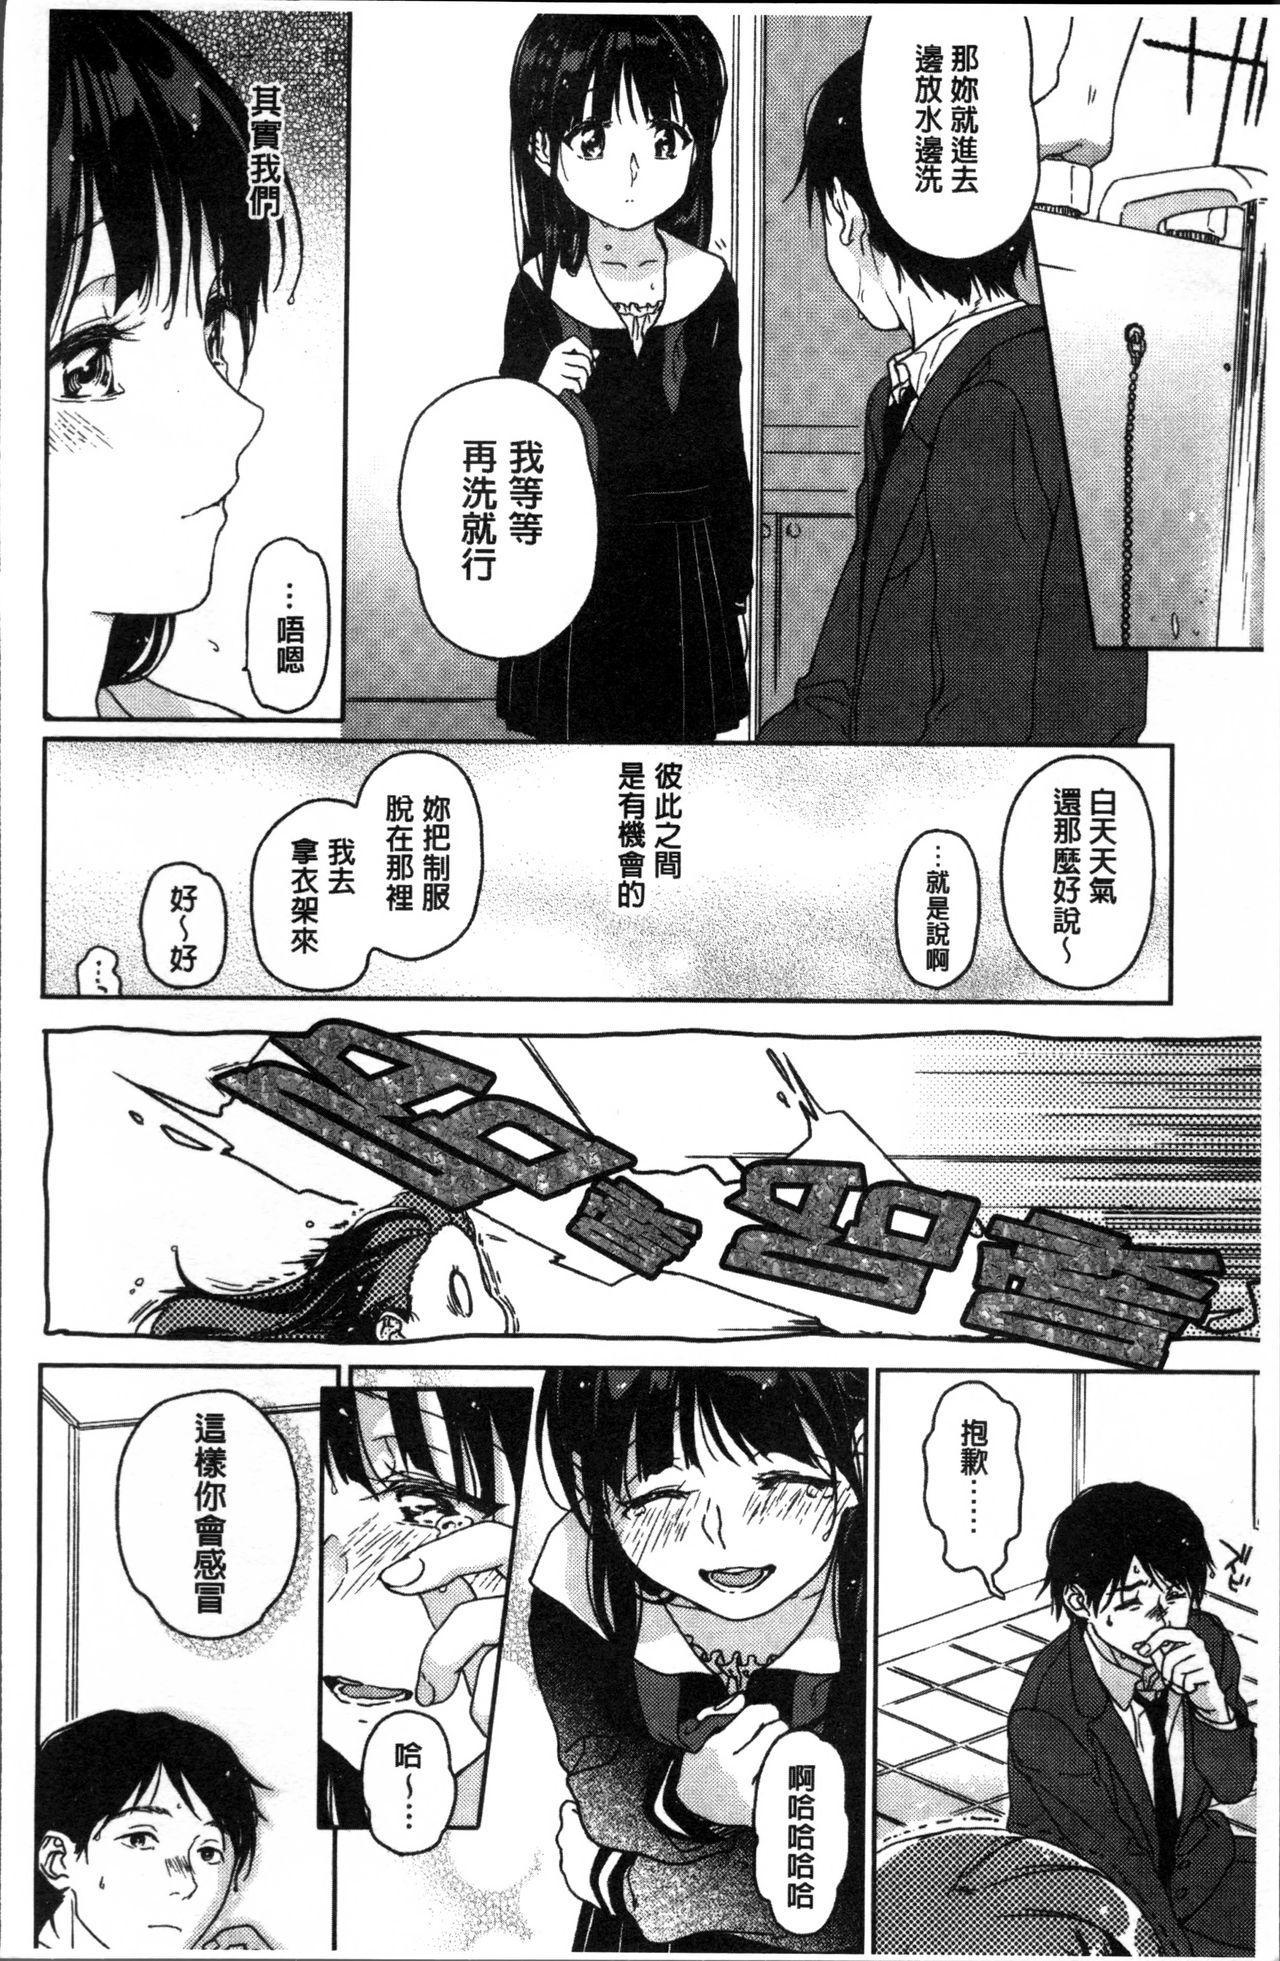 Kanojo no Setsuna 81